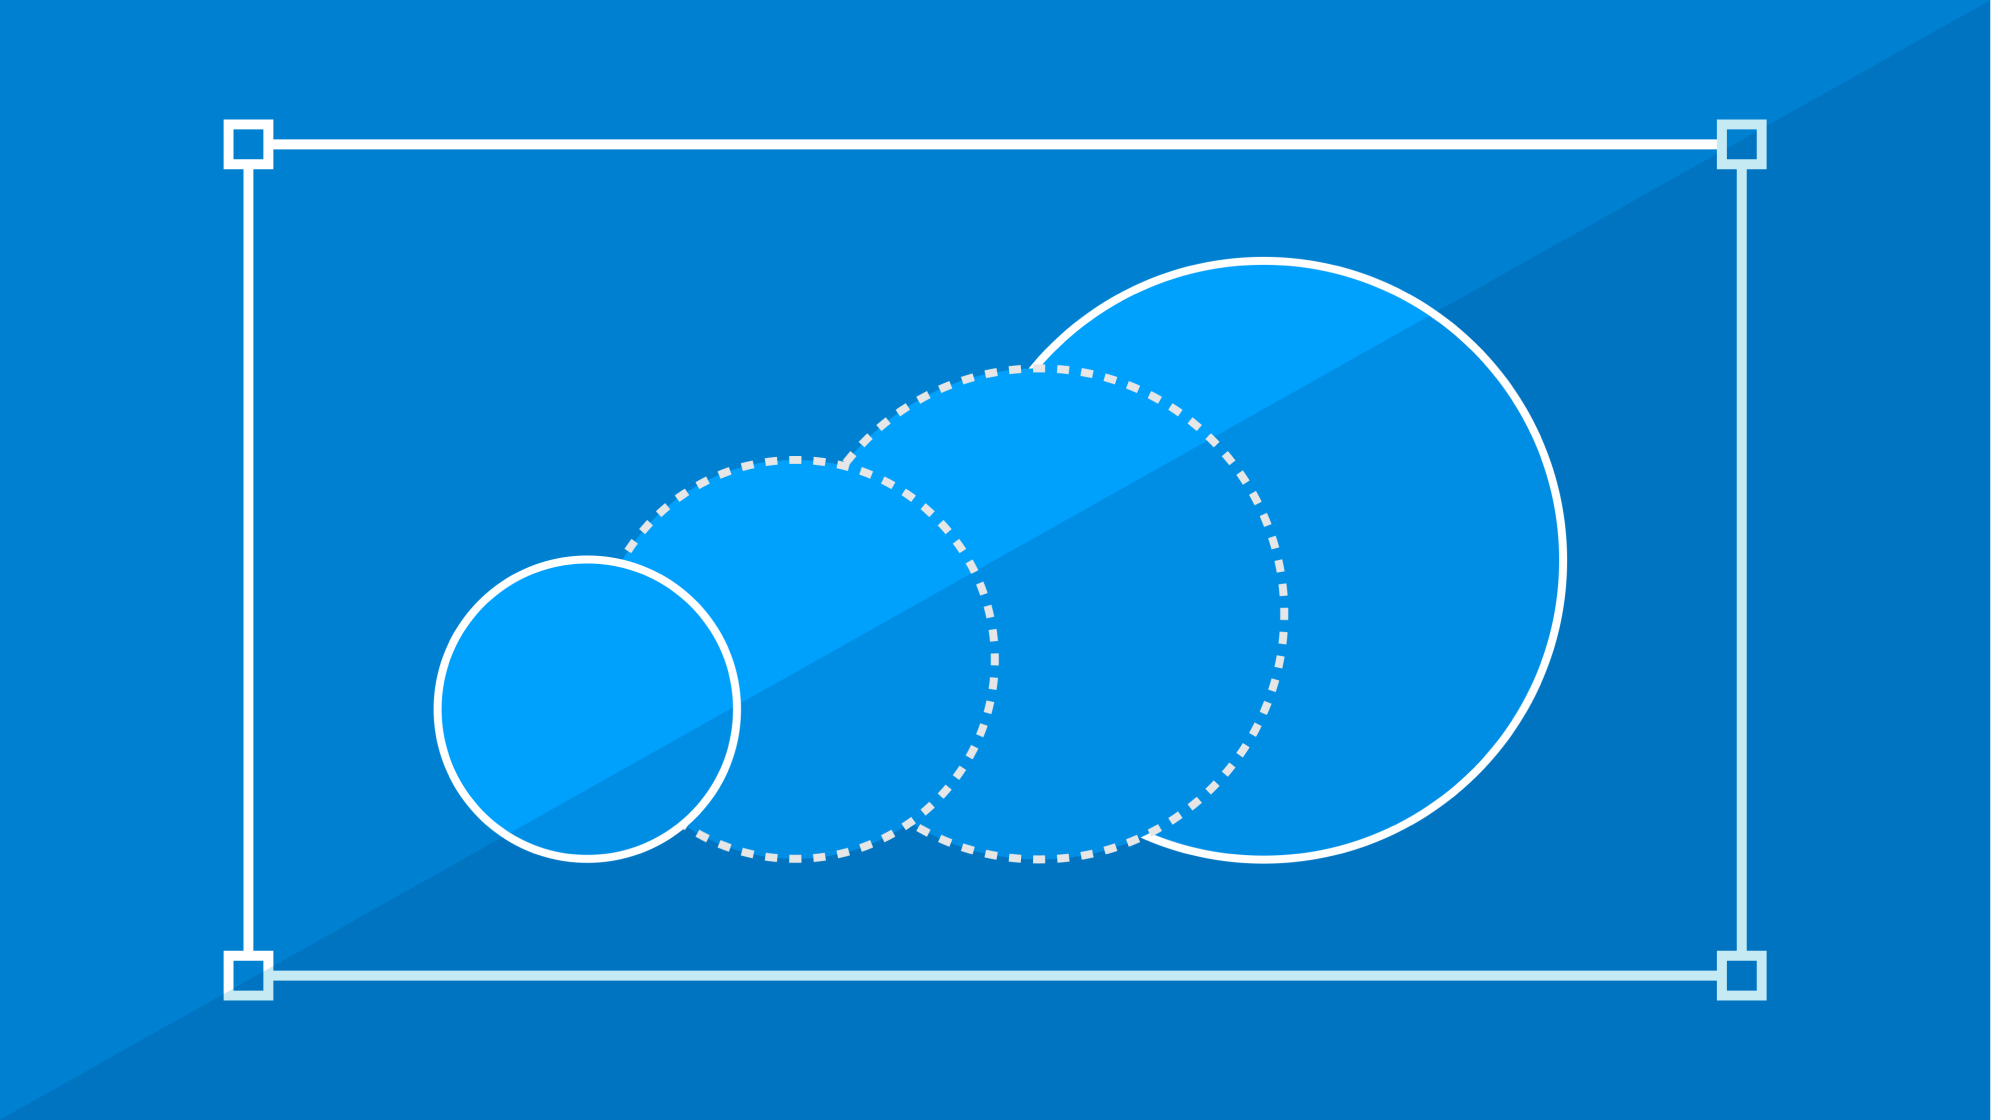 A set of growing circles